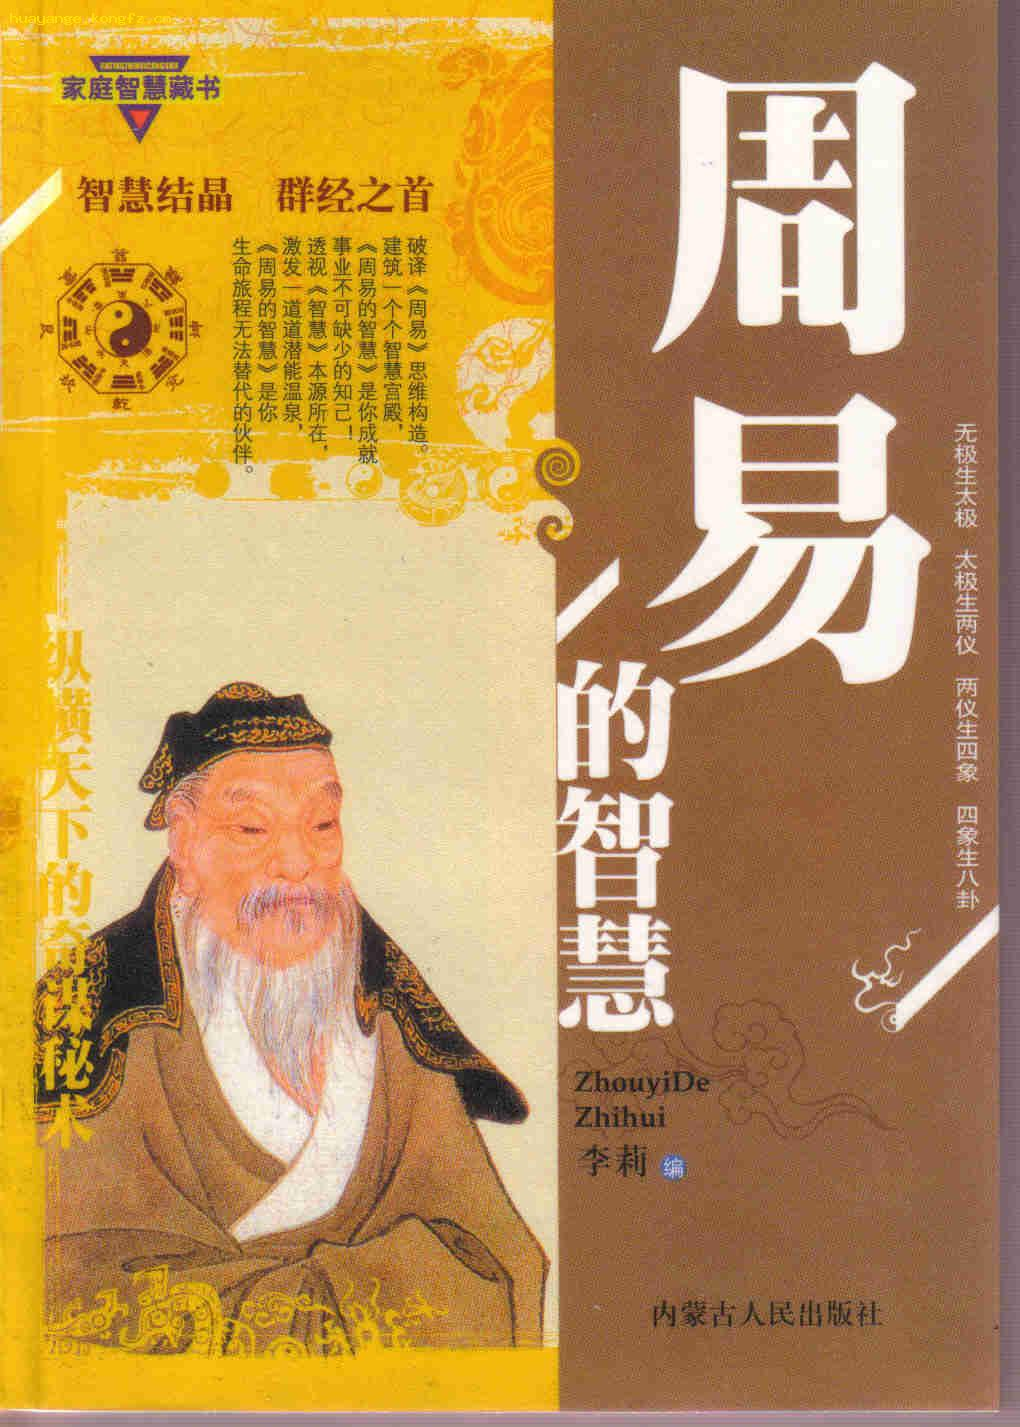 周易的智慧-李莉编著-内蒙古人民出版社2008年出版-16开本308页